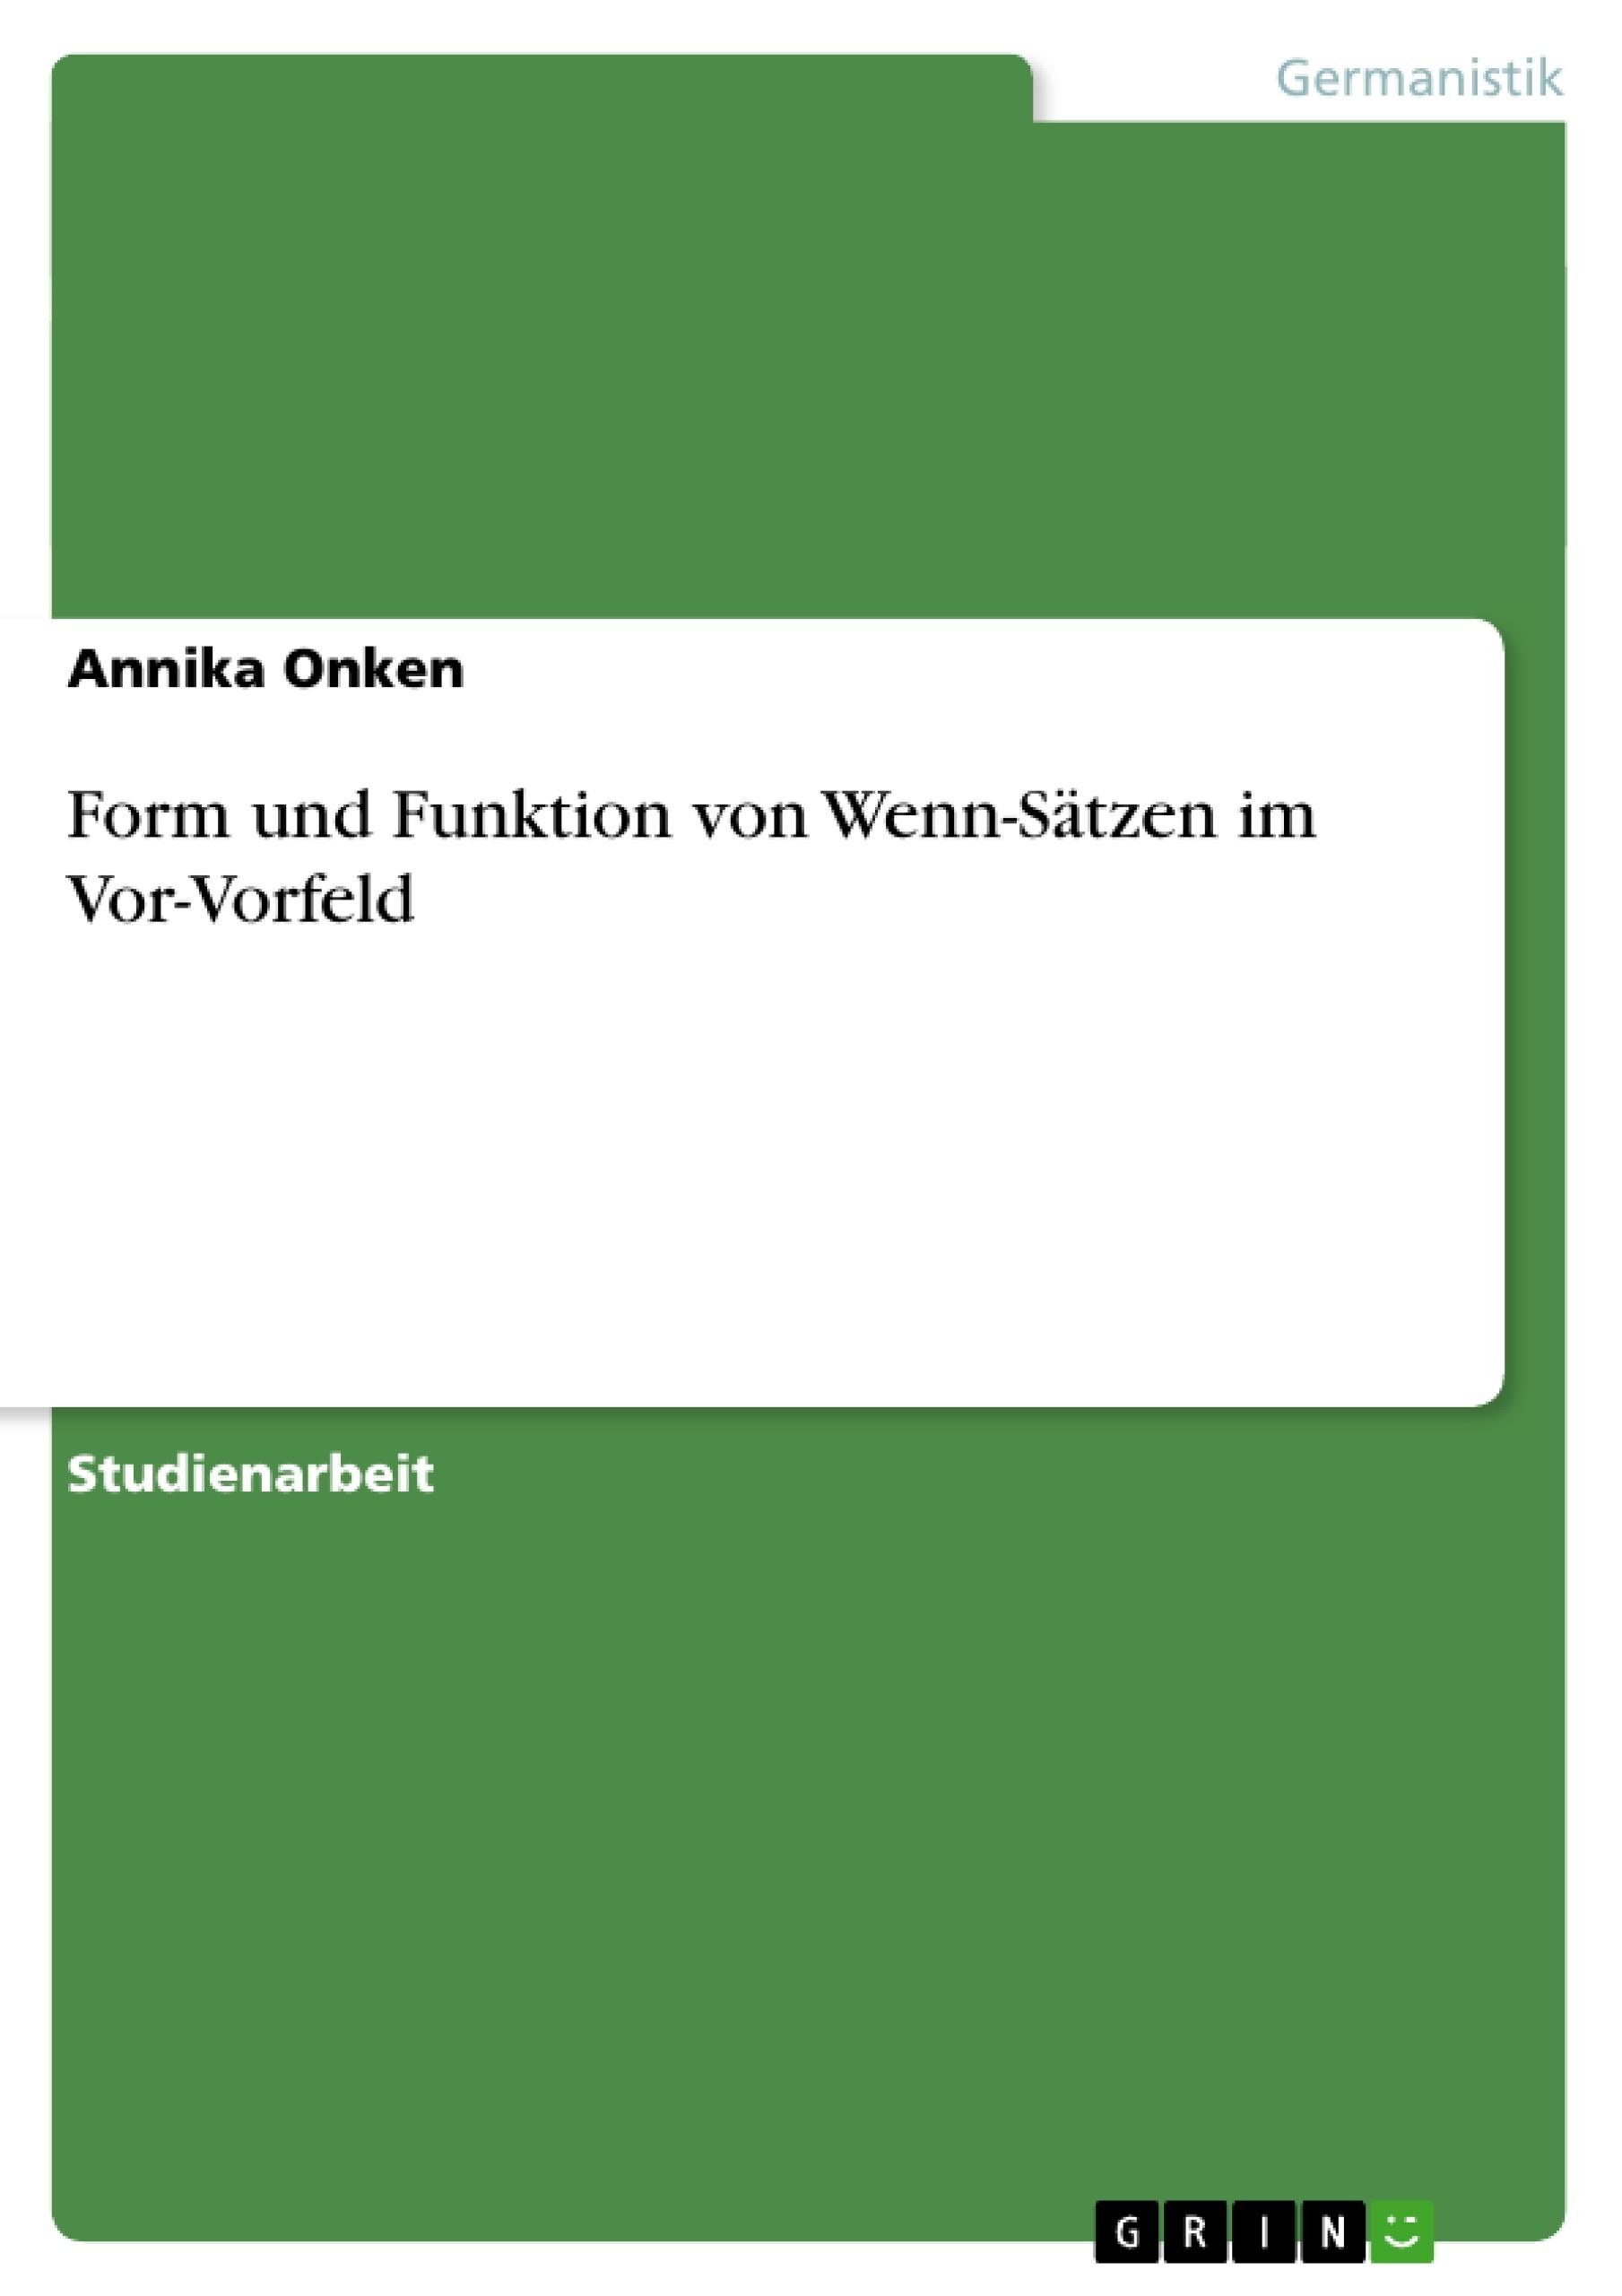 Titel: Form und Funktion von Wenn-Sätzen im Vor-Vorfeld